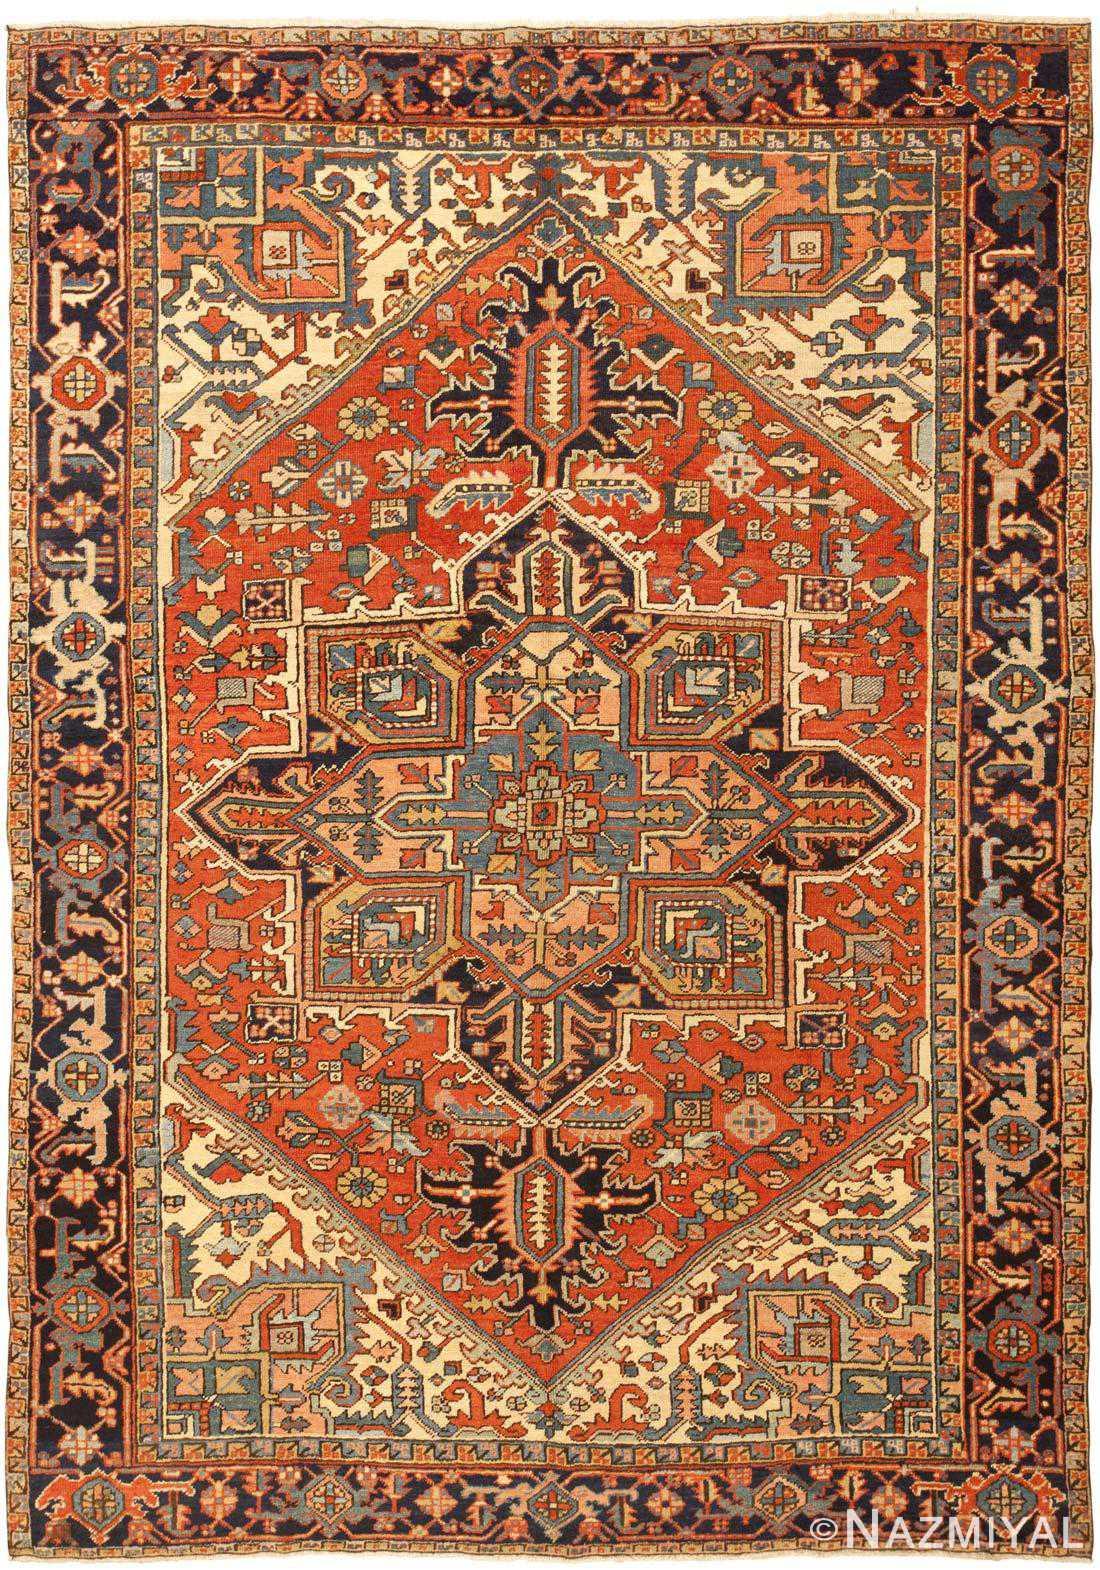 Heriz Serapi Rug Antique Persian Carpet 46290 By Nazmiyal